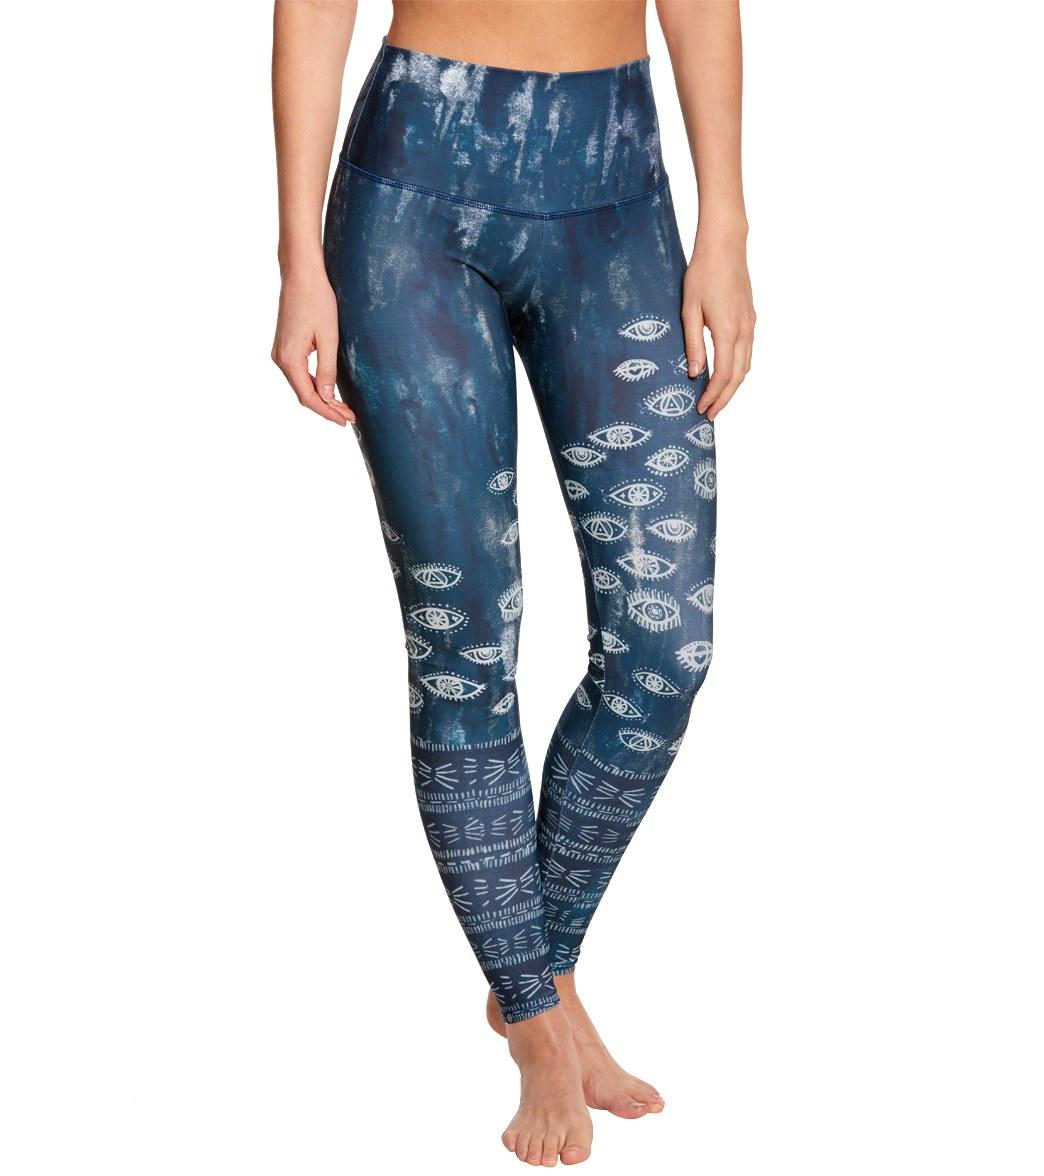 Yoga Printed Pants